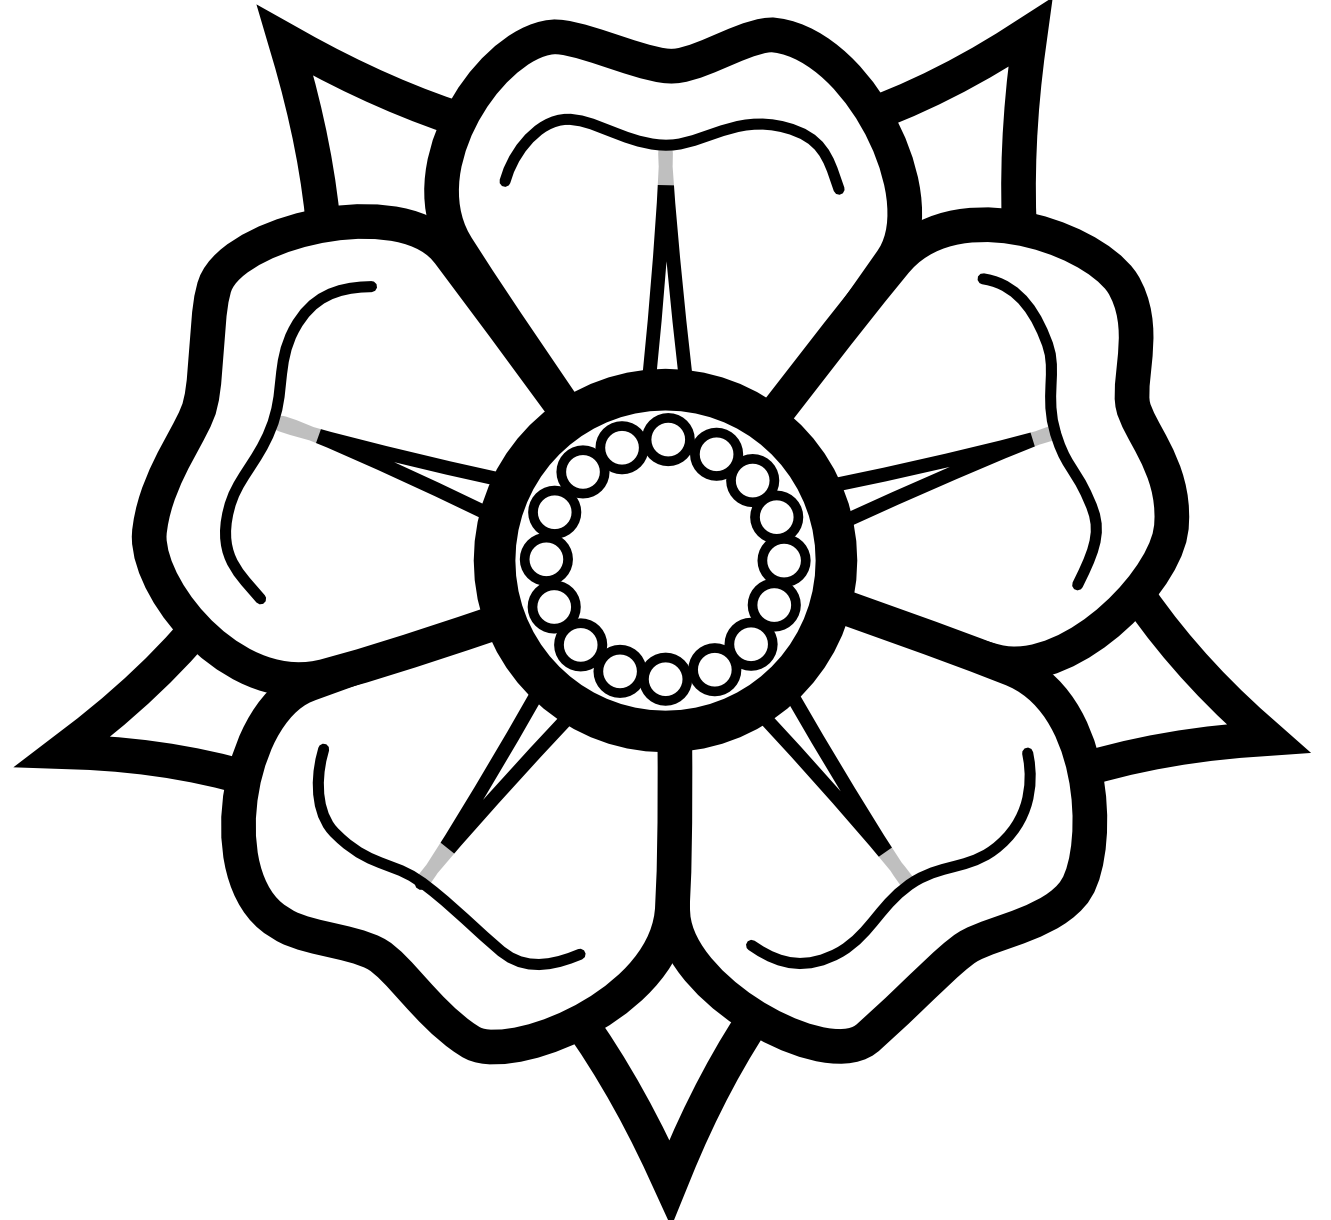 Flower outline rose. Heraldisch lippische black white